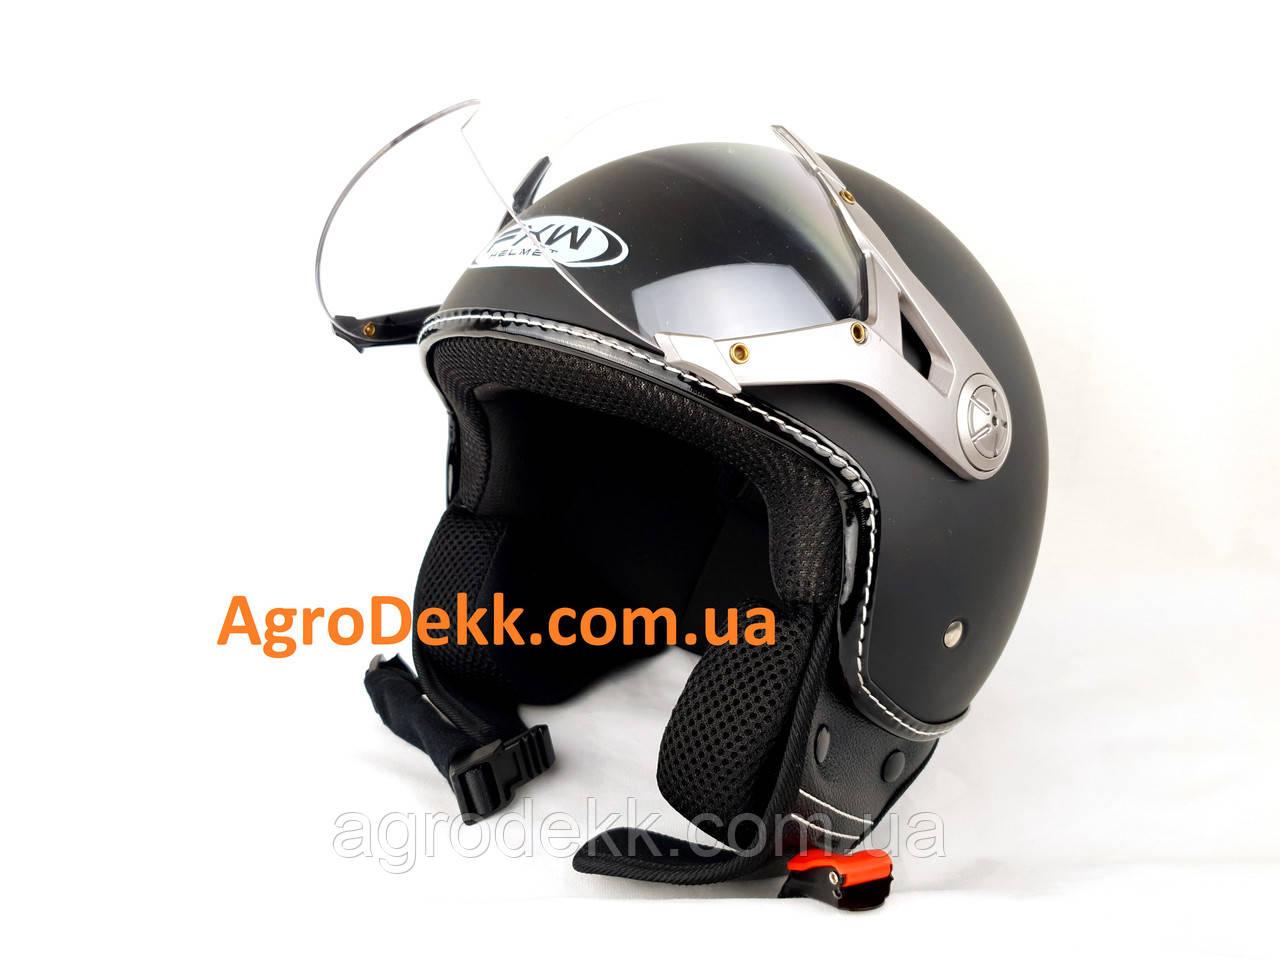 """Шлем для мотоцикла Hel-Met 225 чорный """"Каска"""""""